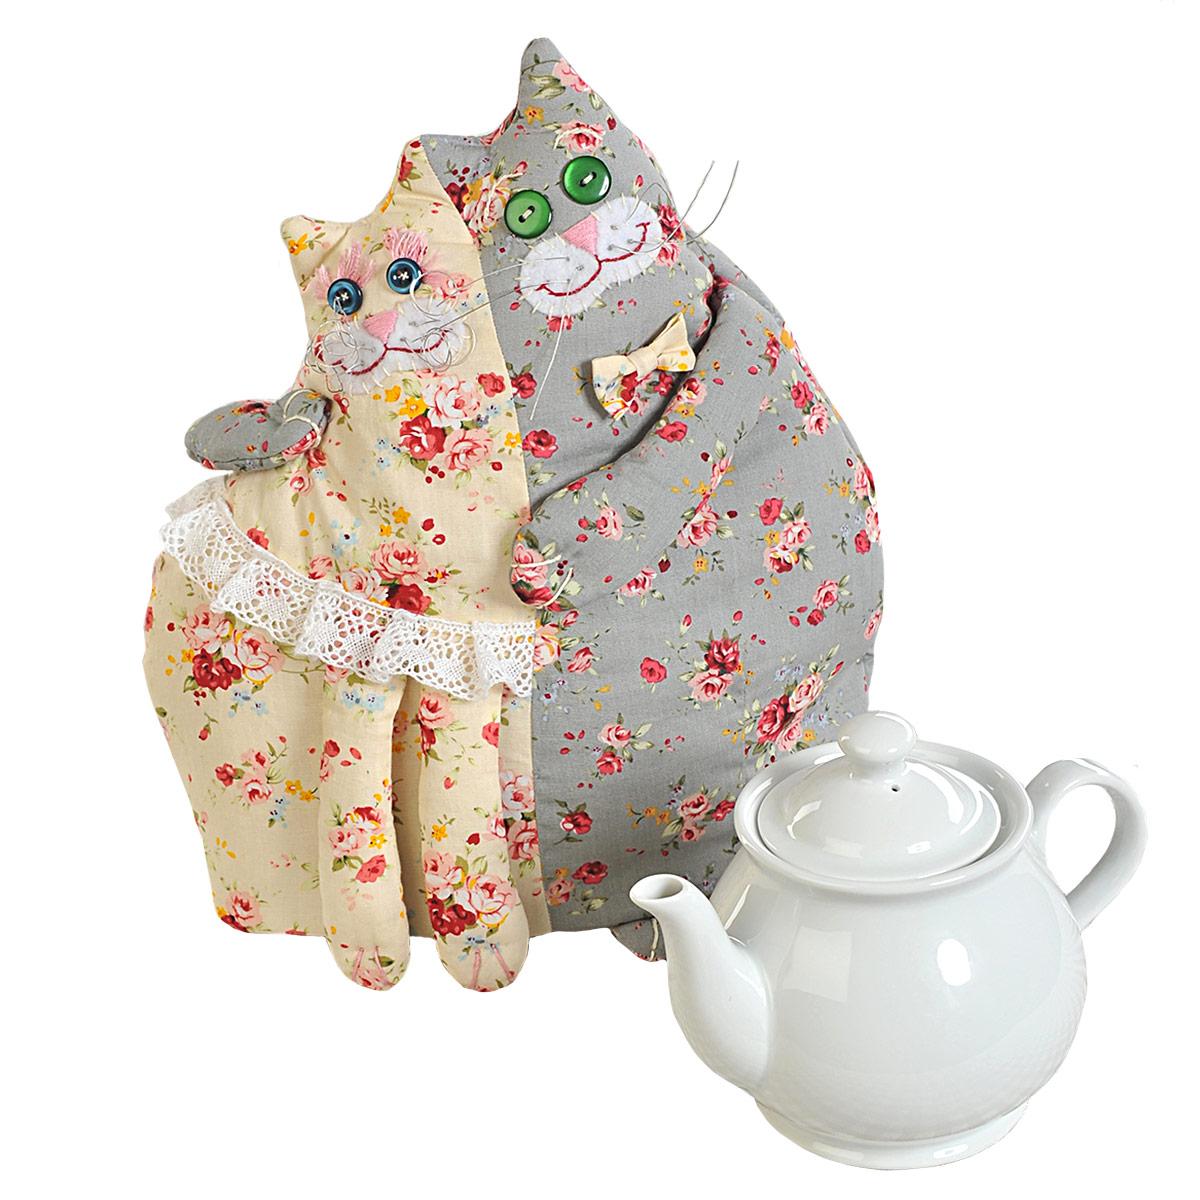 ПГЧ-1101 Набор для изготовления текстильной игрушки 'Кошки-грелка', 21х28 см, 'Перловка'